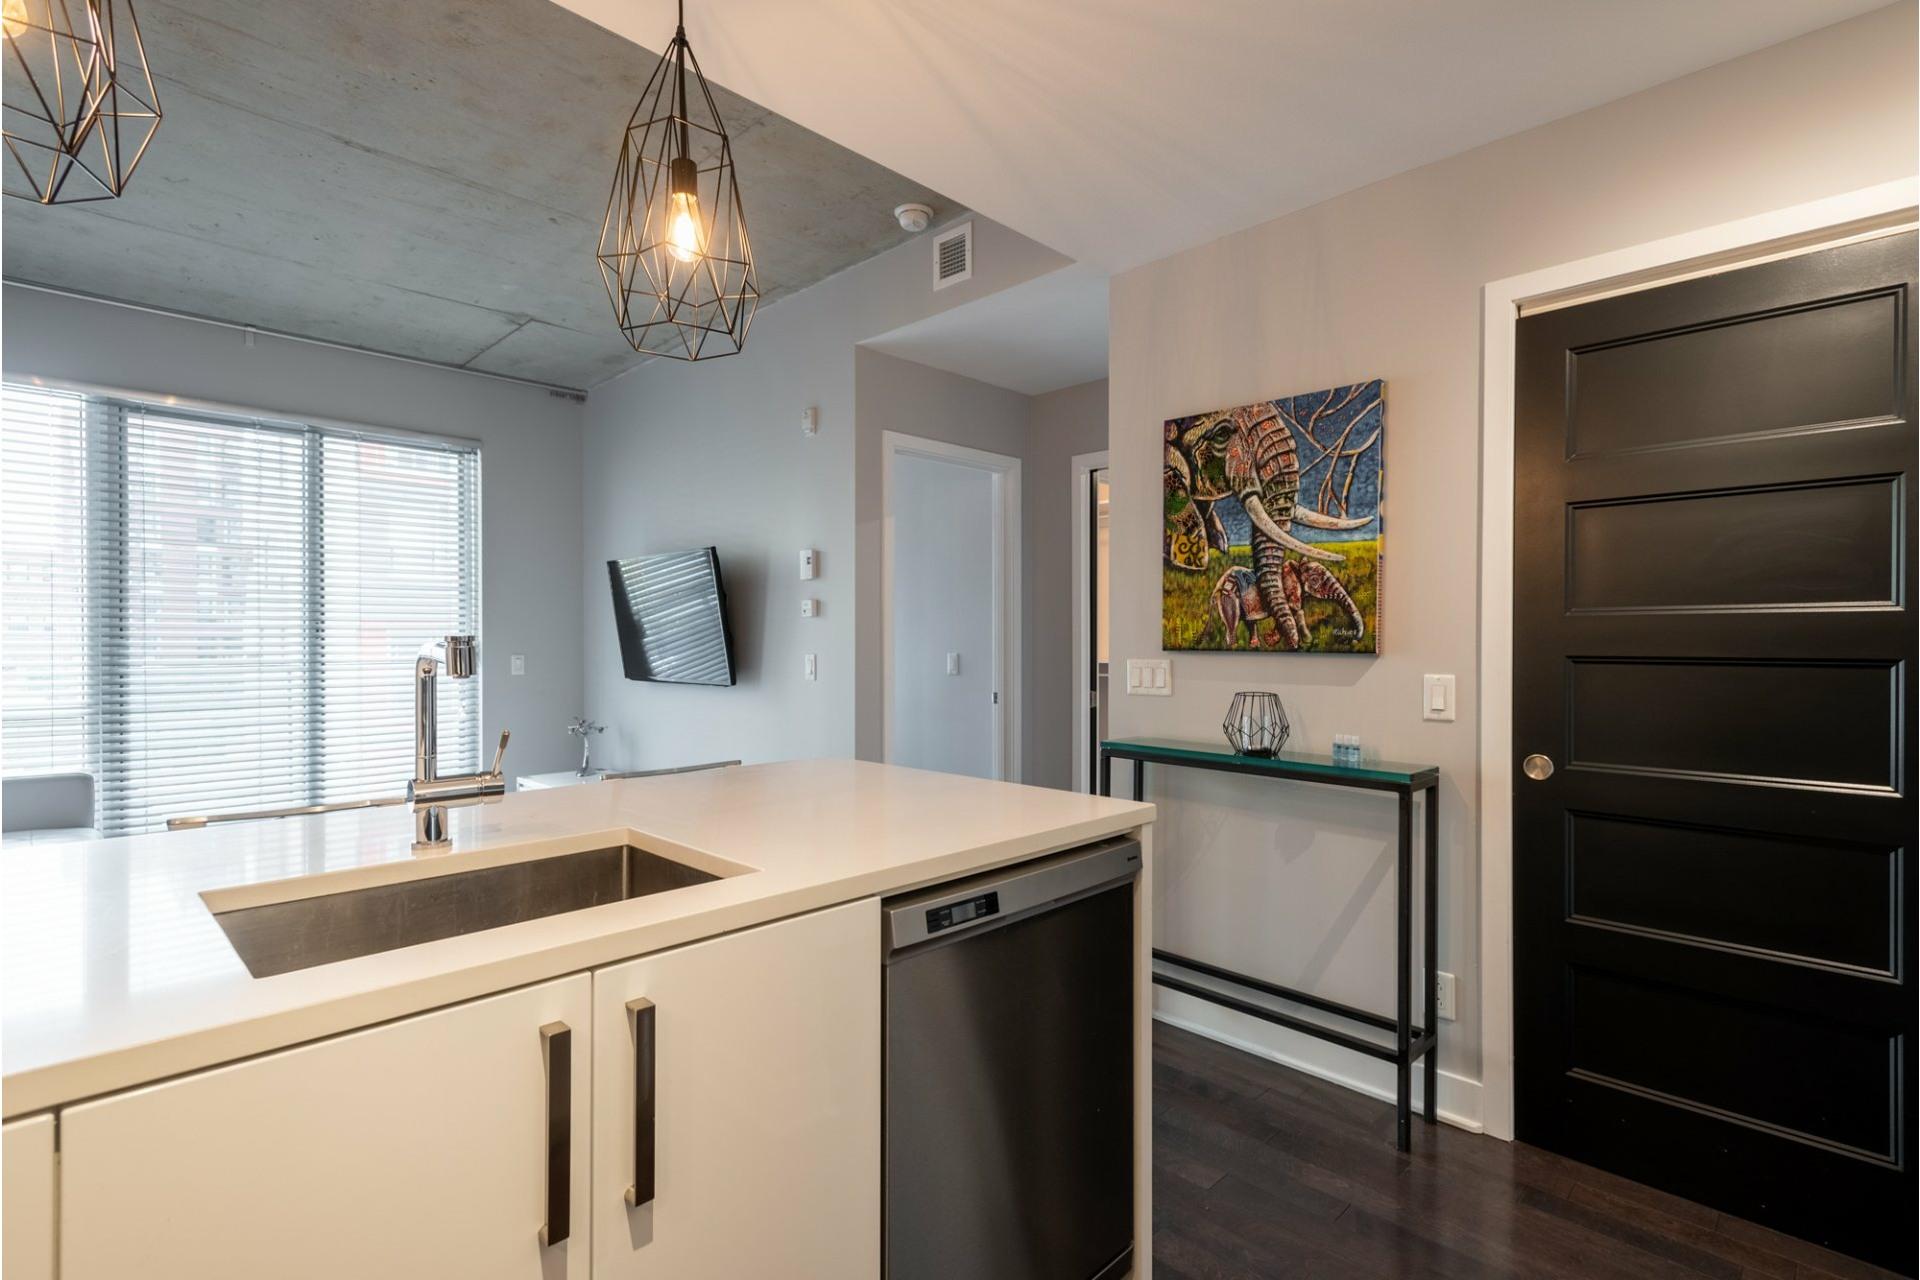 image 7 - Apartment For sale Le Sud-Ouest Montréal  - 4 rooms